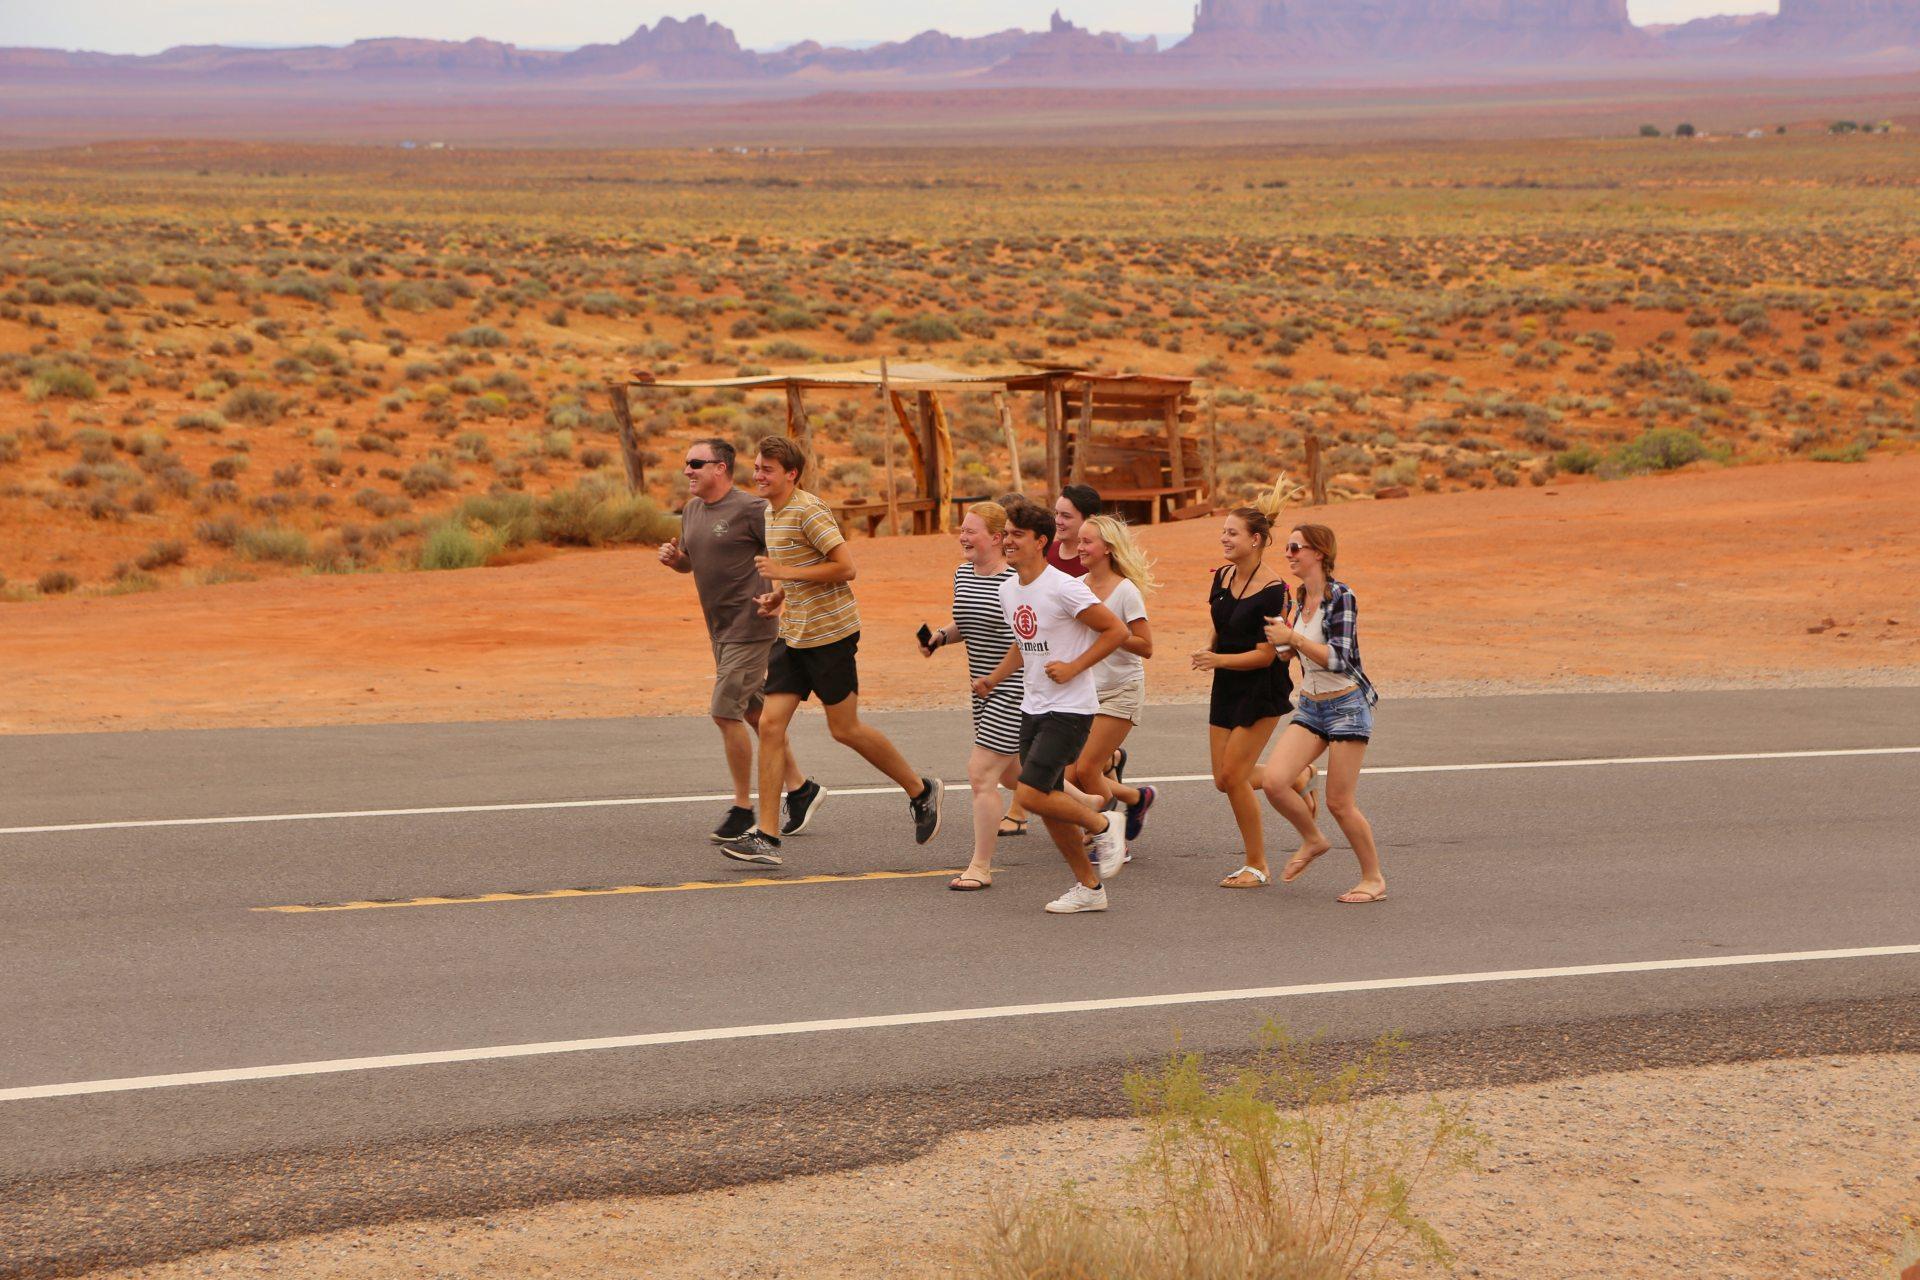 Am Forrest Gump Hill jeder ein Läufer sein will! - Aussicht, Fernsicht, Forrest Gump Hill, Forrest Gump Point, Gruppe, Himmel, Landschaft, laufen, Monument Valley, Natur, Panorama, Prairie, Strasse, Utah, Wilder Westen, Wolken, Wüstenlandschaft - (Halchita, Mexican Hat, Utah, Vereinigte Staaten)